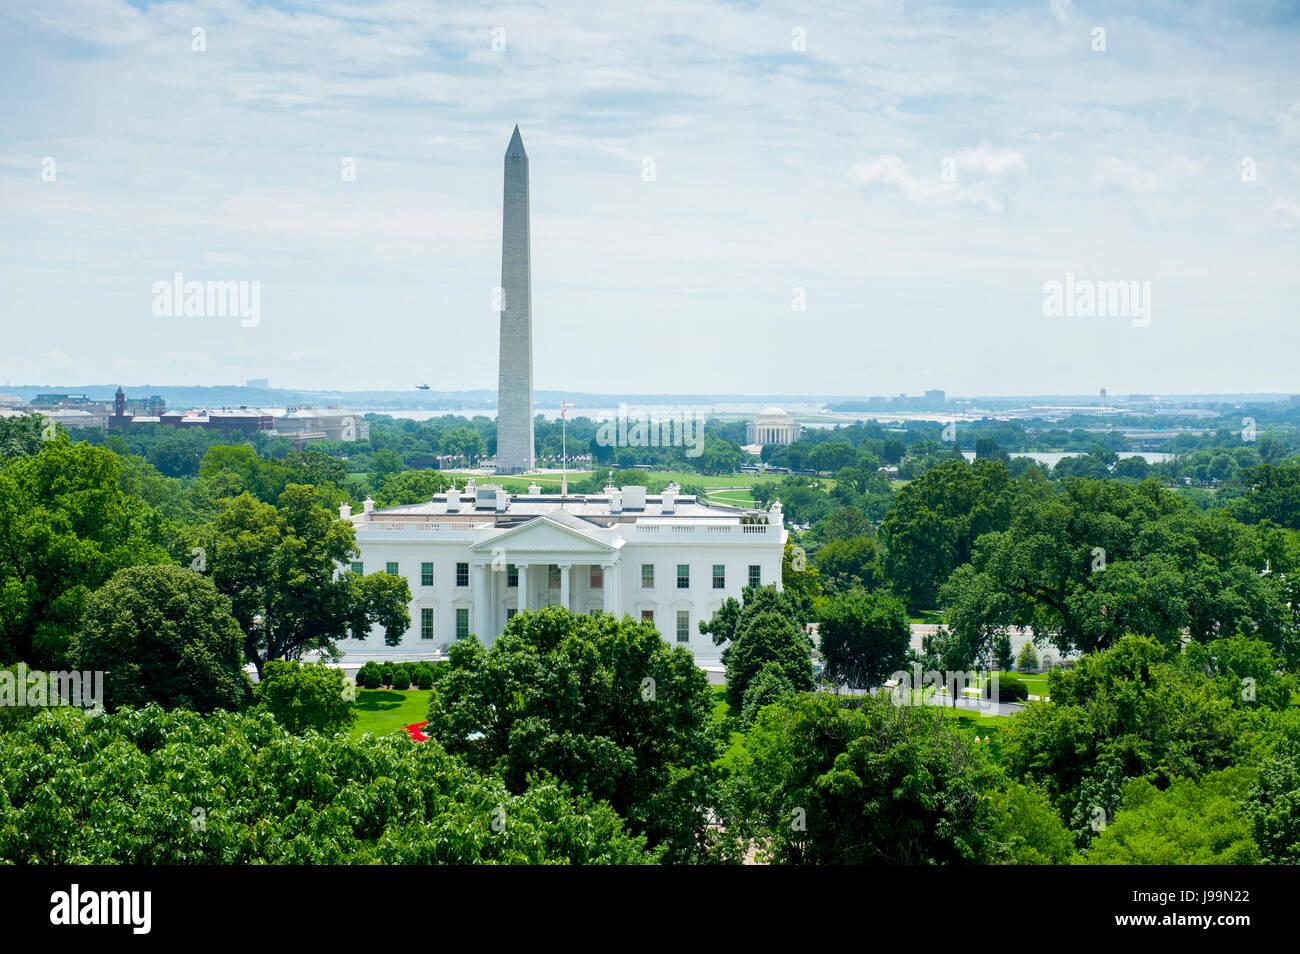 USA Washington DC Nations Capitol White House Washington Monument city skyline aerial - Stock Image